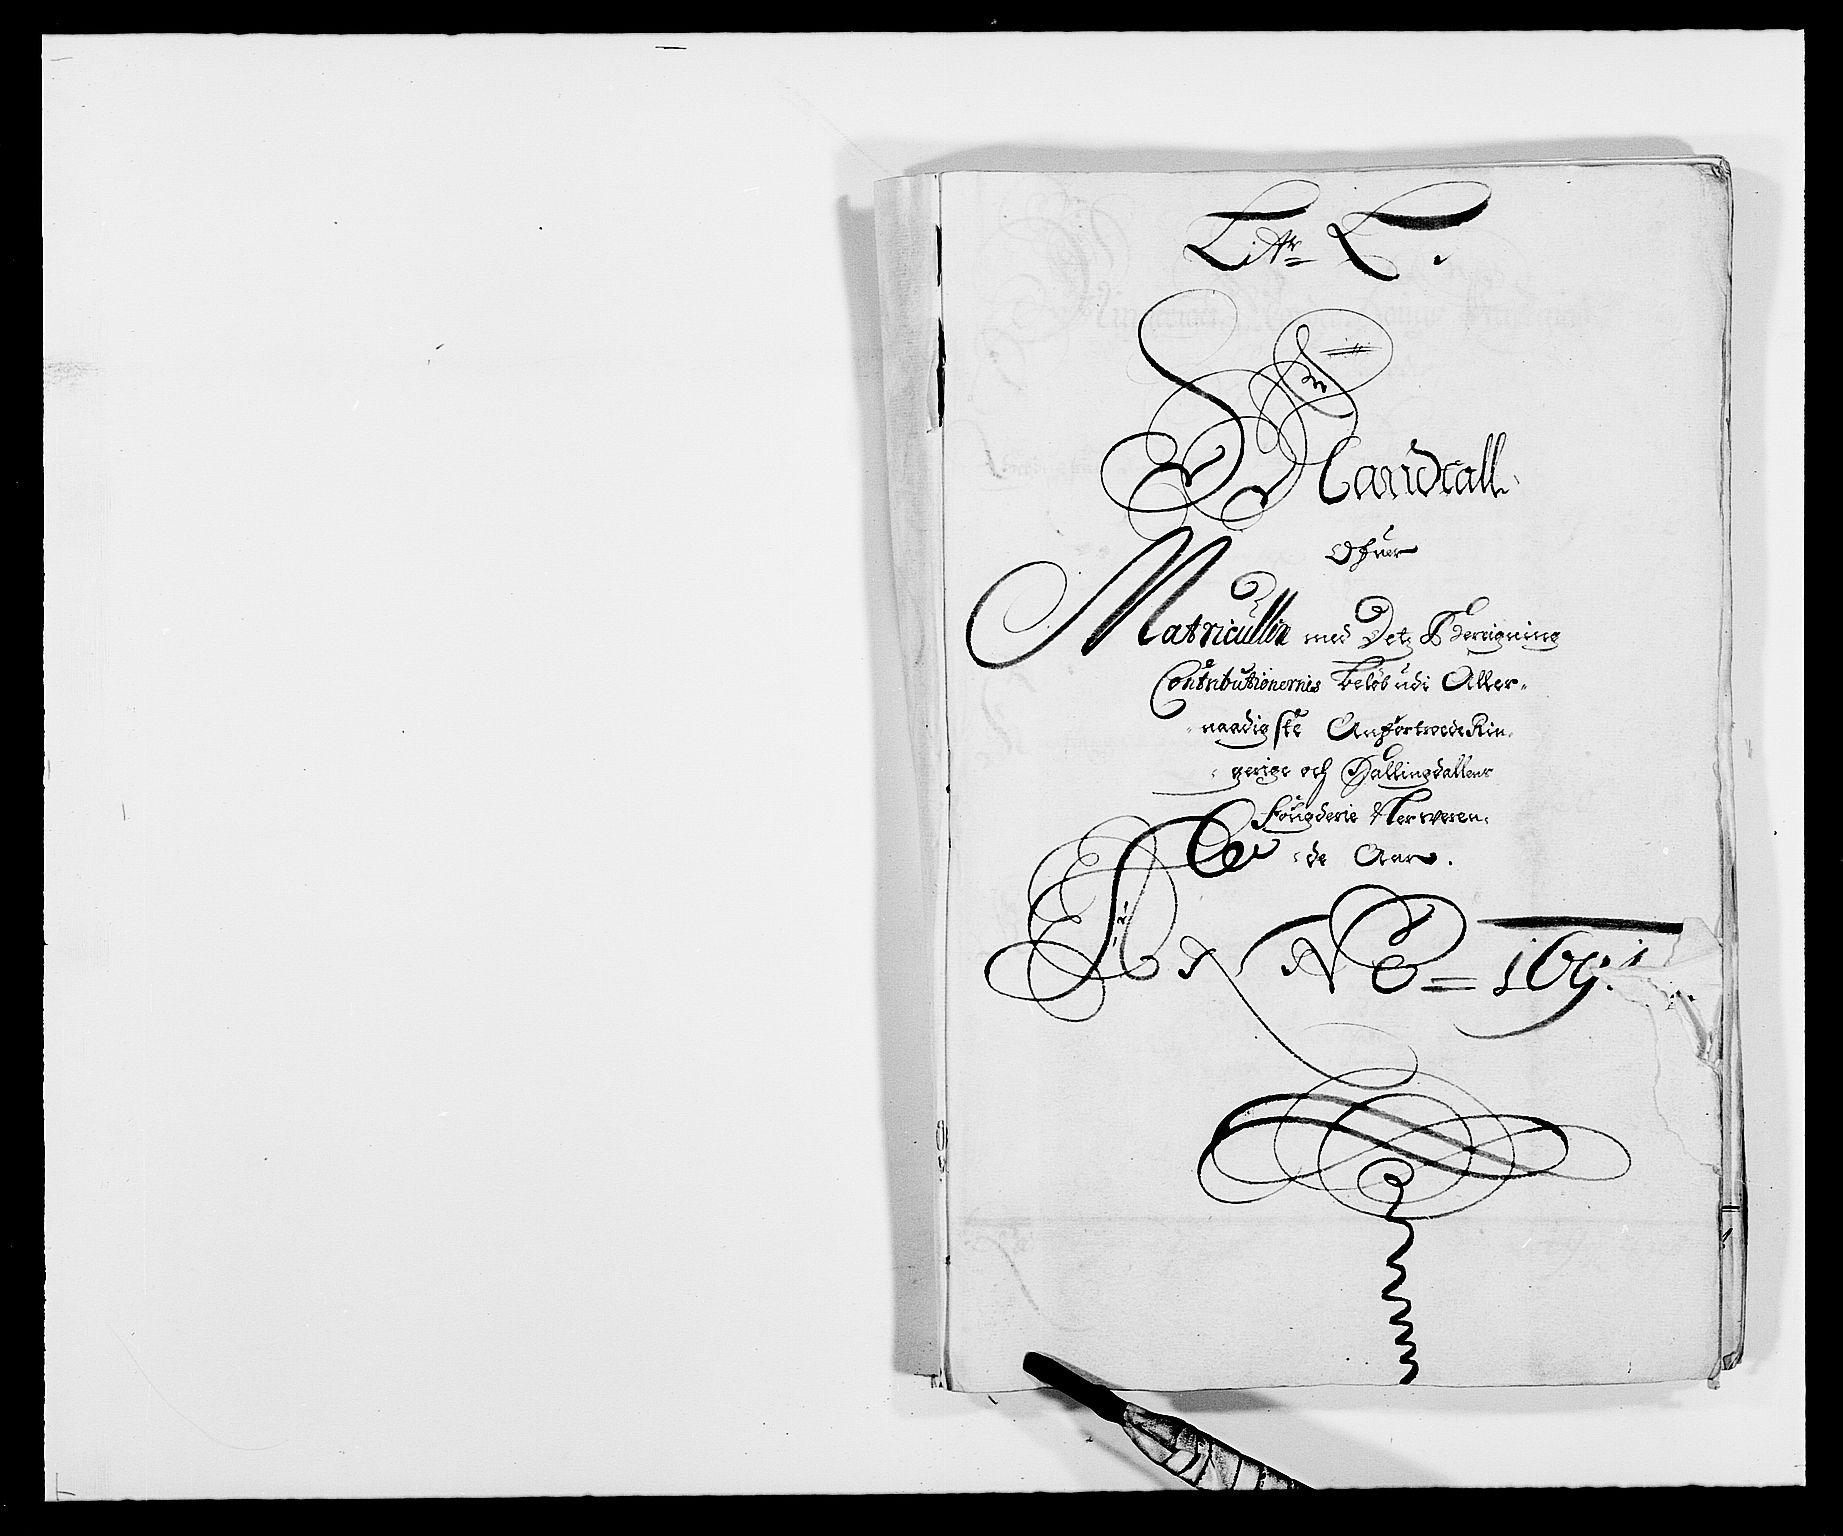 RA, Rentekammeret inntil 1814, Reviderte regnskaper, Fogderegnskap, R21/L1448: Fogderegnskap Ringerike og Hallingdal, 1690-1692, s. 175